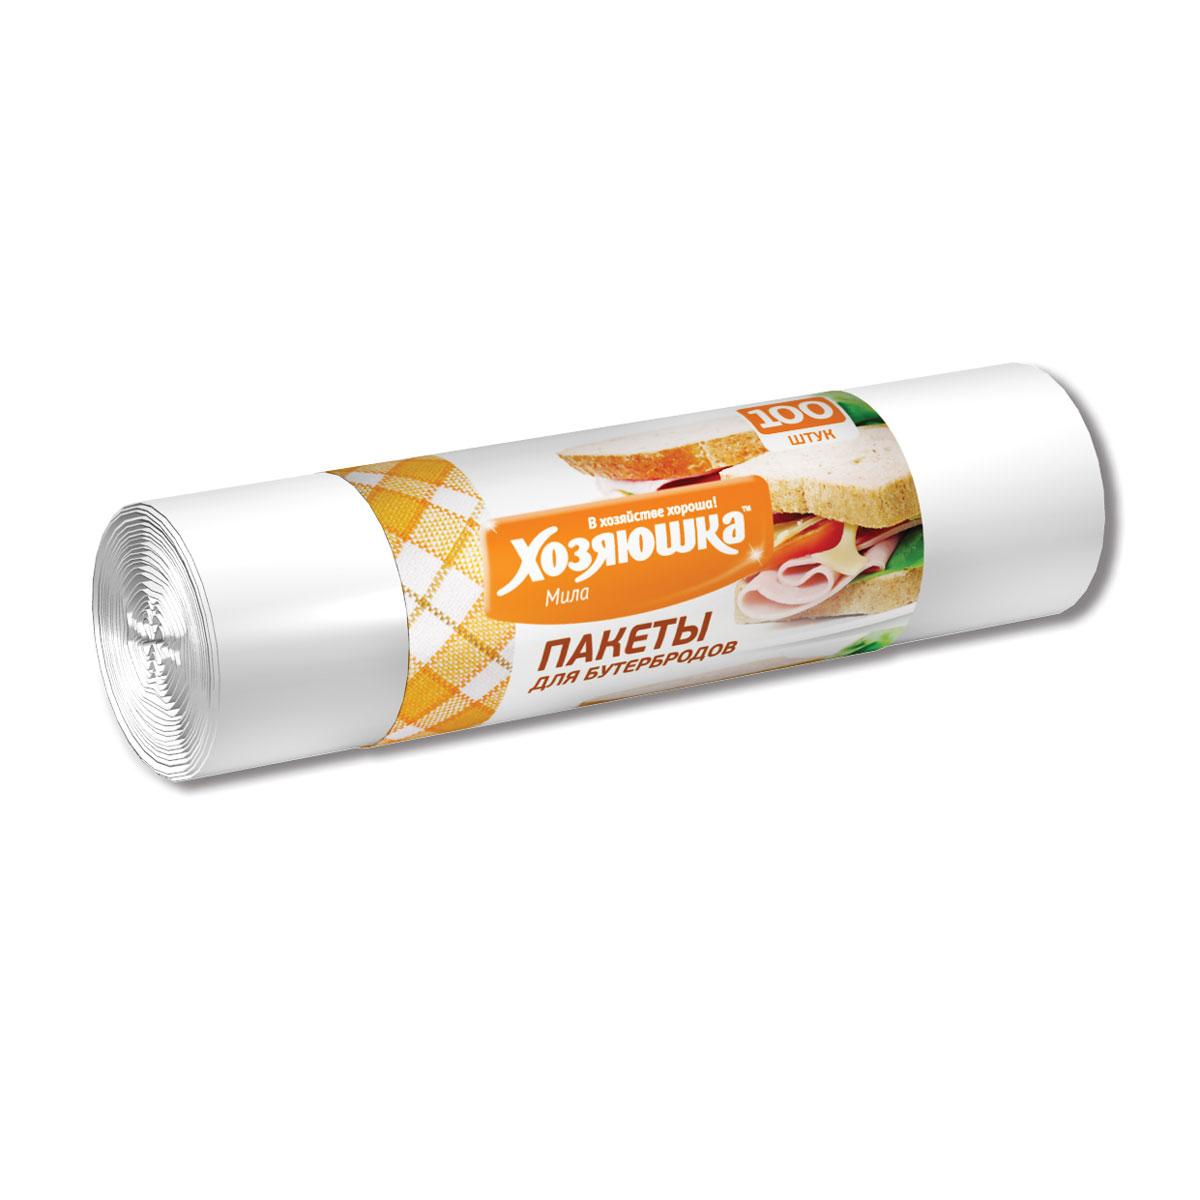 Пакеты для бутербродов Хозяюшка Мила, 17 х 28 см, 100 шт09013Пакеты для бутербродов Хозяюшка Мила являются предметами первой необходимости. В школу, на работу или в поездку брать с собой бутерброды будет гораздо удобнее в пакетах, которые позволят надежно сохранить свежесть продуктов. Фасовочные пакеты - это самый распространенный, удобный и практичный вид современной упаковки, предназначенный для хранения и транспортировки практически всех видов пищевых и непродовольственных товаров.Размер: 17 см х 28 см.